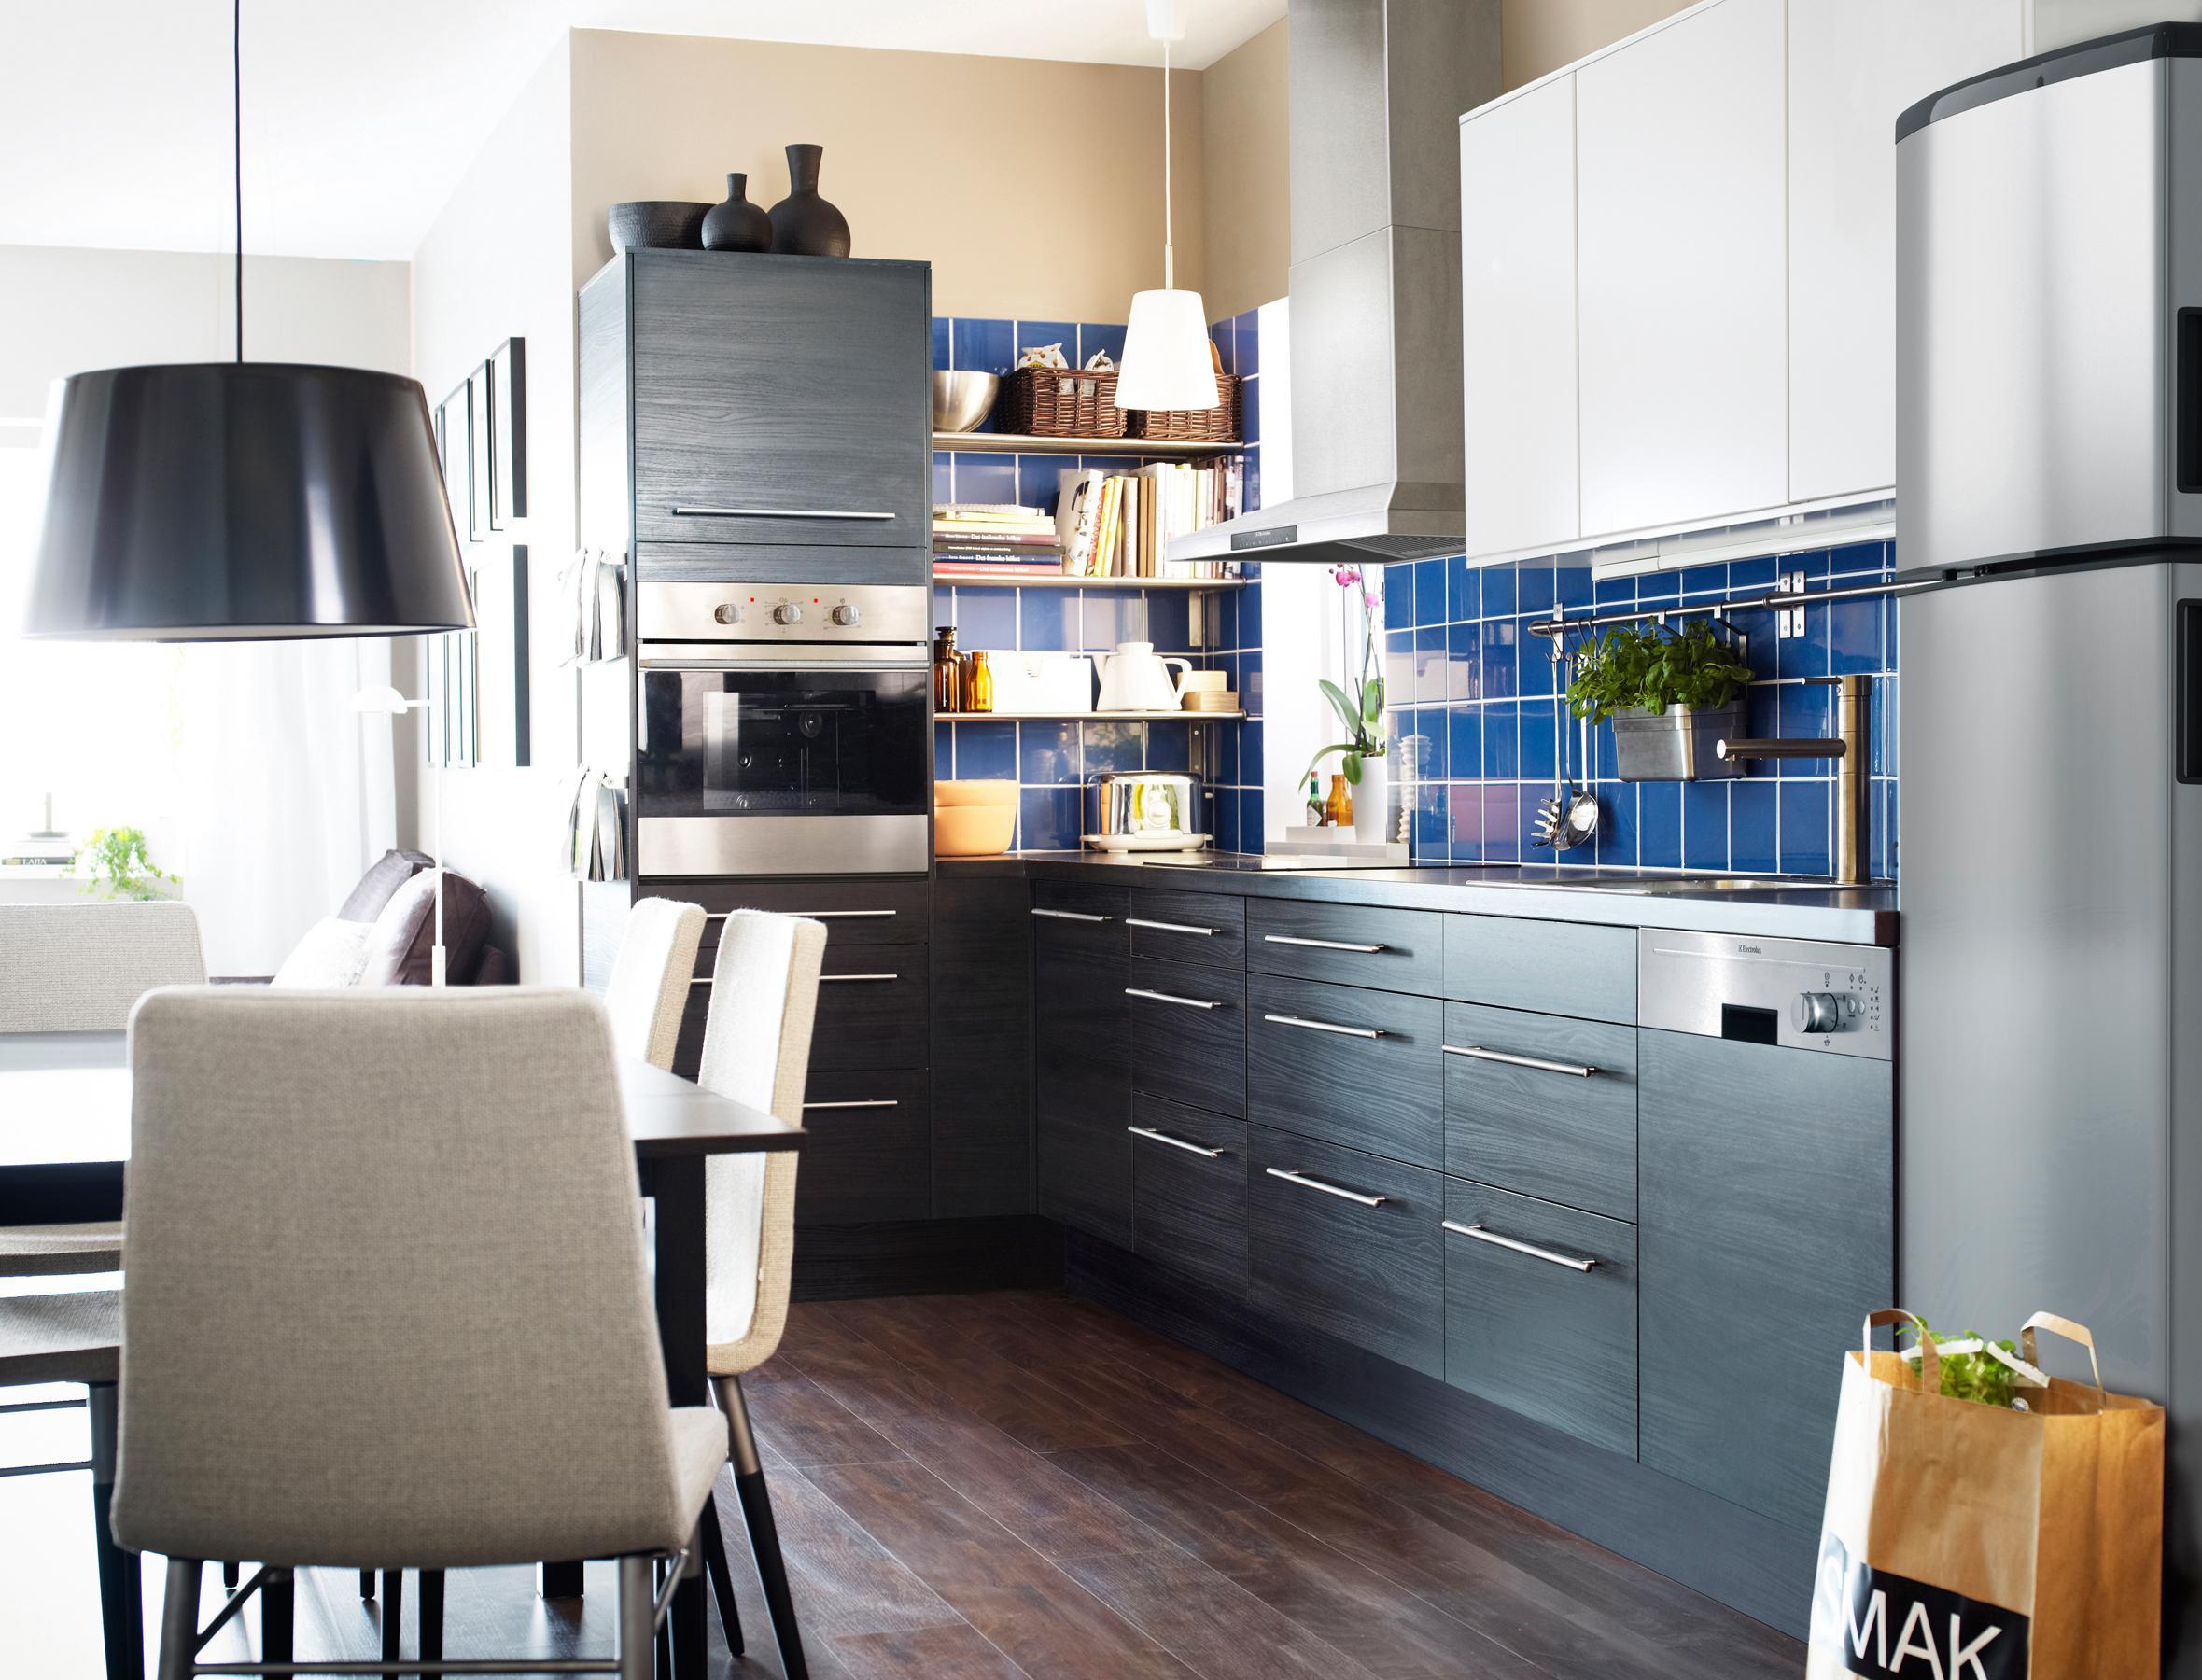 Ikea Kche Beistelltisch Home Image Ideen